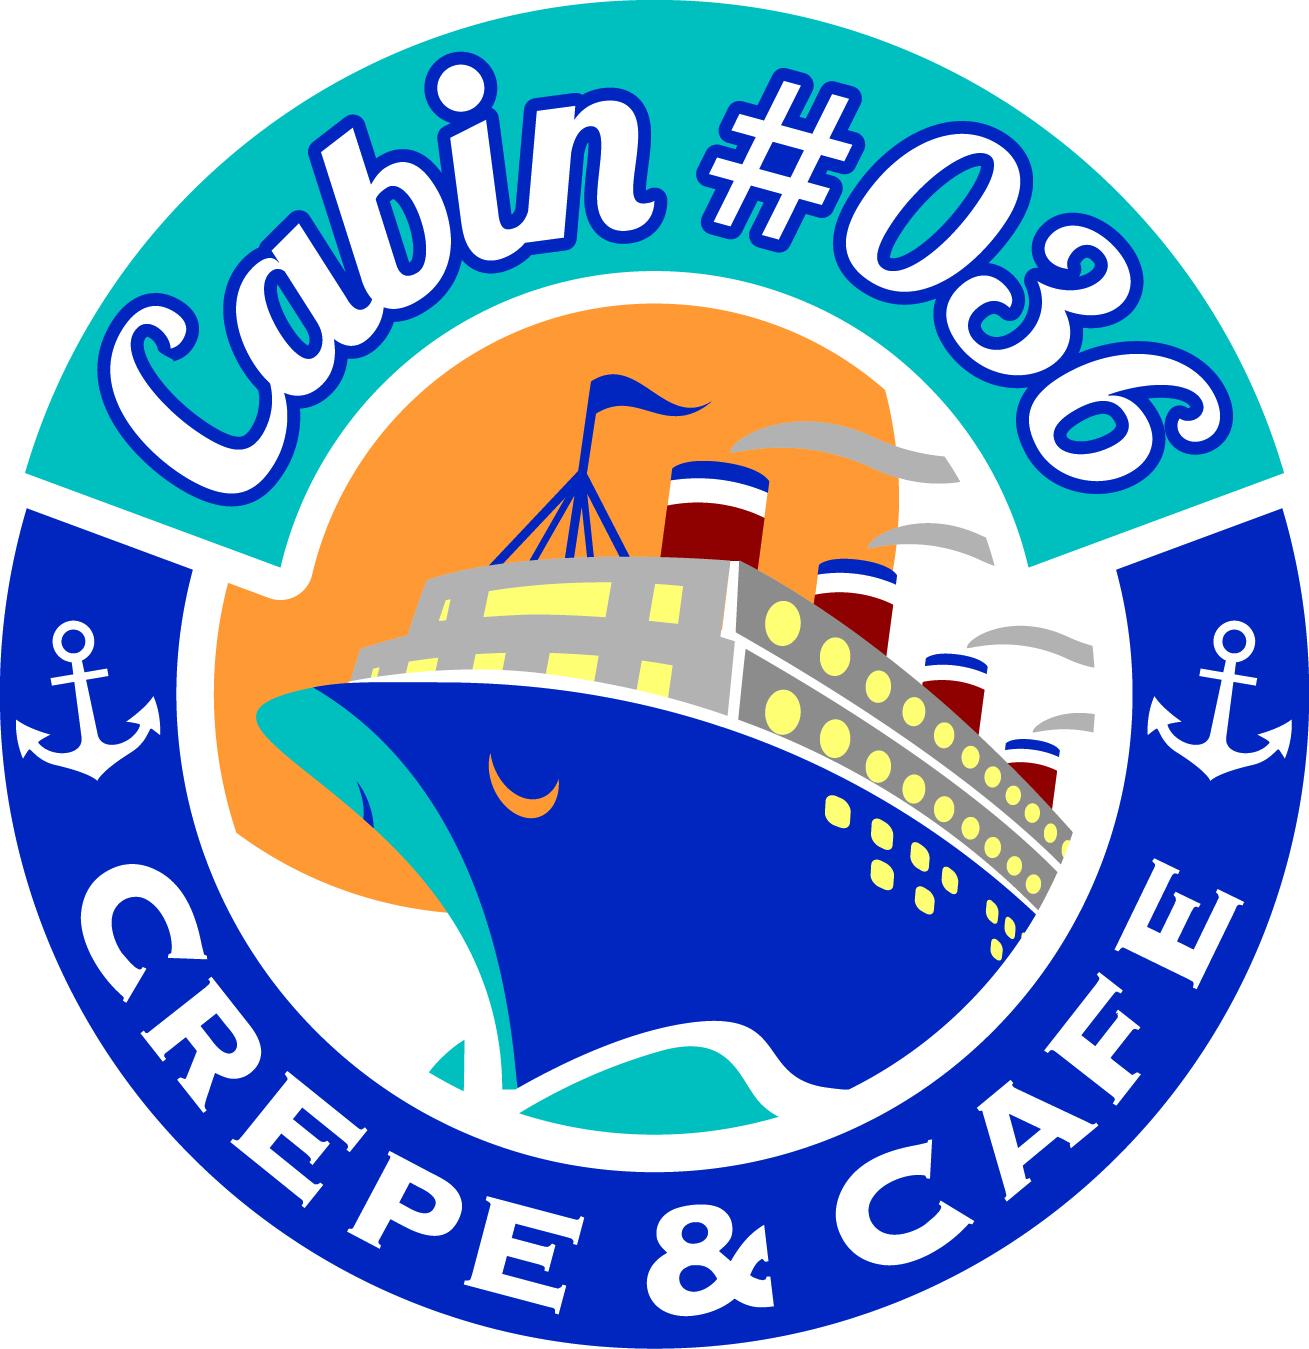 Cabin#036